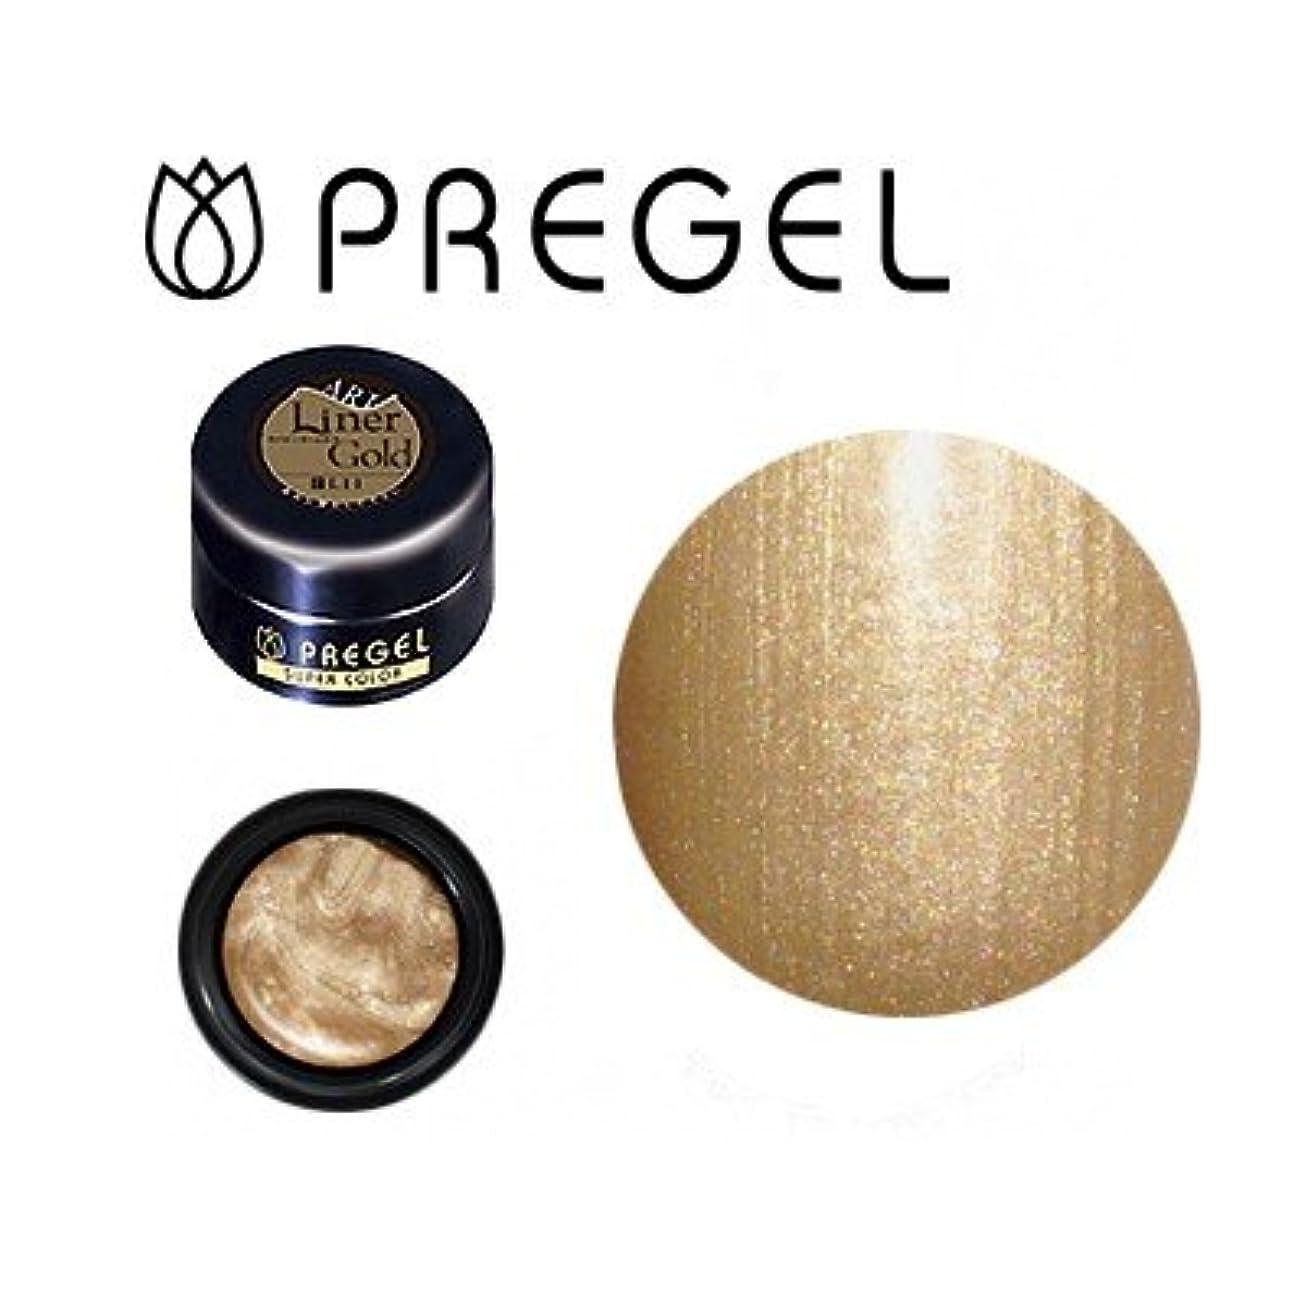 彫る政治自分のためにジェルネイル カラージェル プリジェル PREGEL スーパーカラーEx ライナーゴールド-P 4g